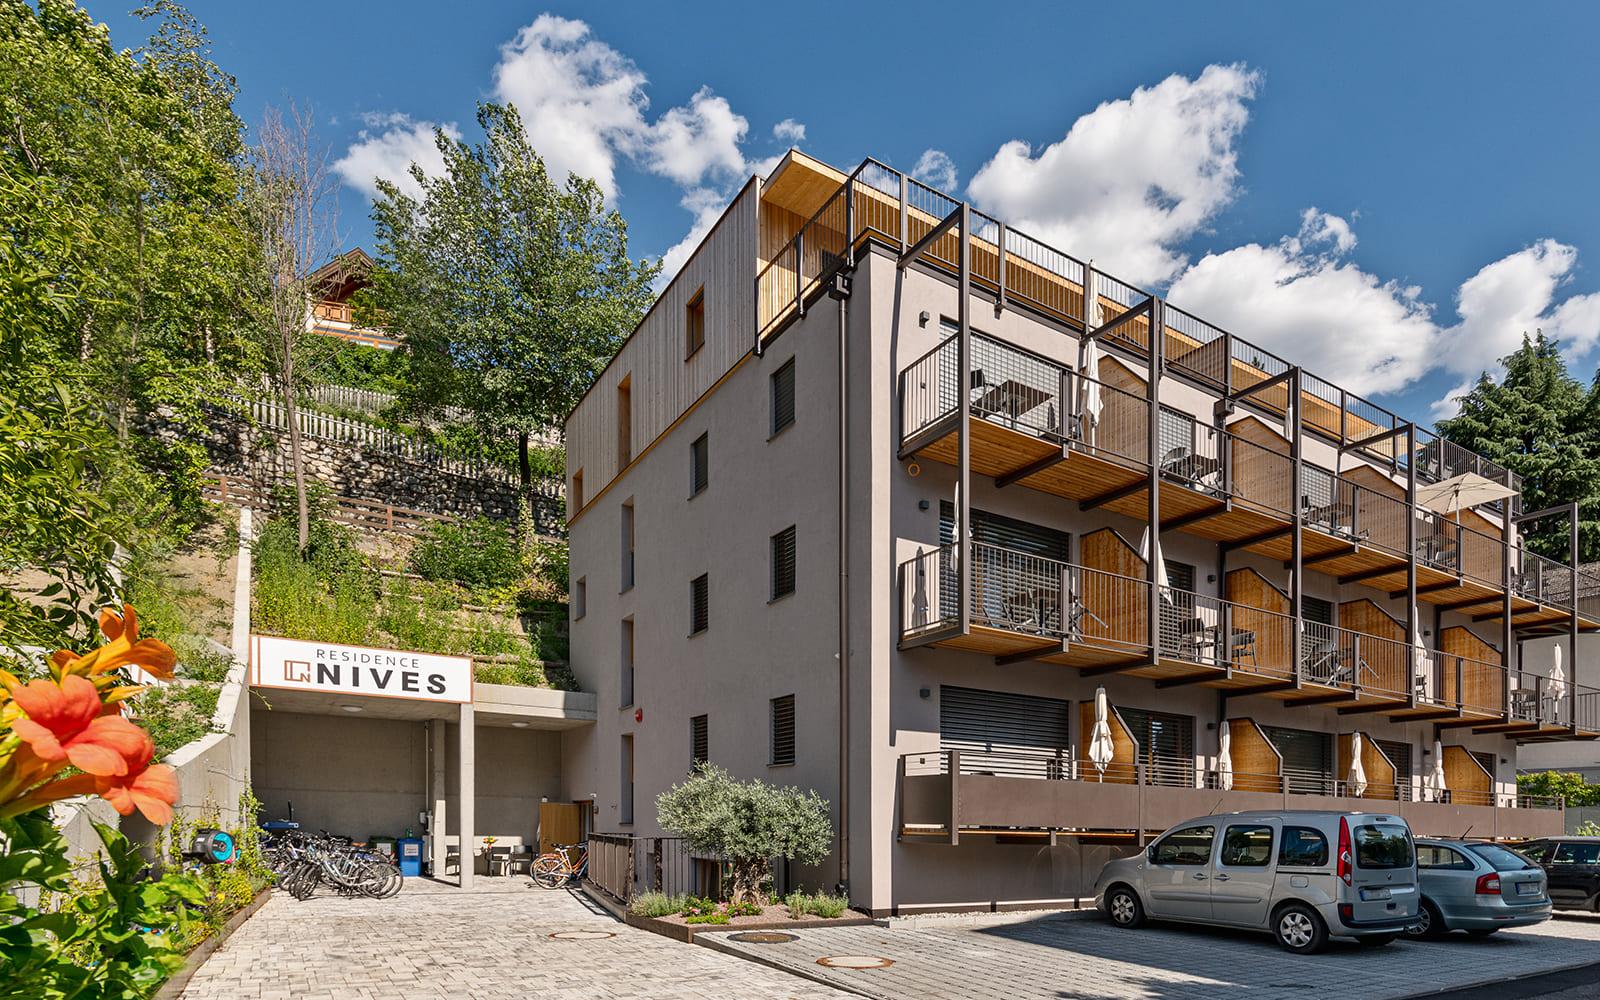 Residence Nives - Ferienwohnungen in Brixen